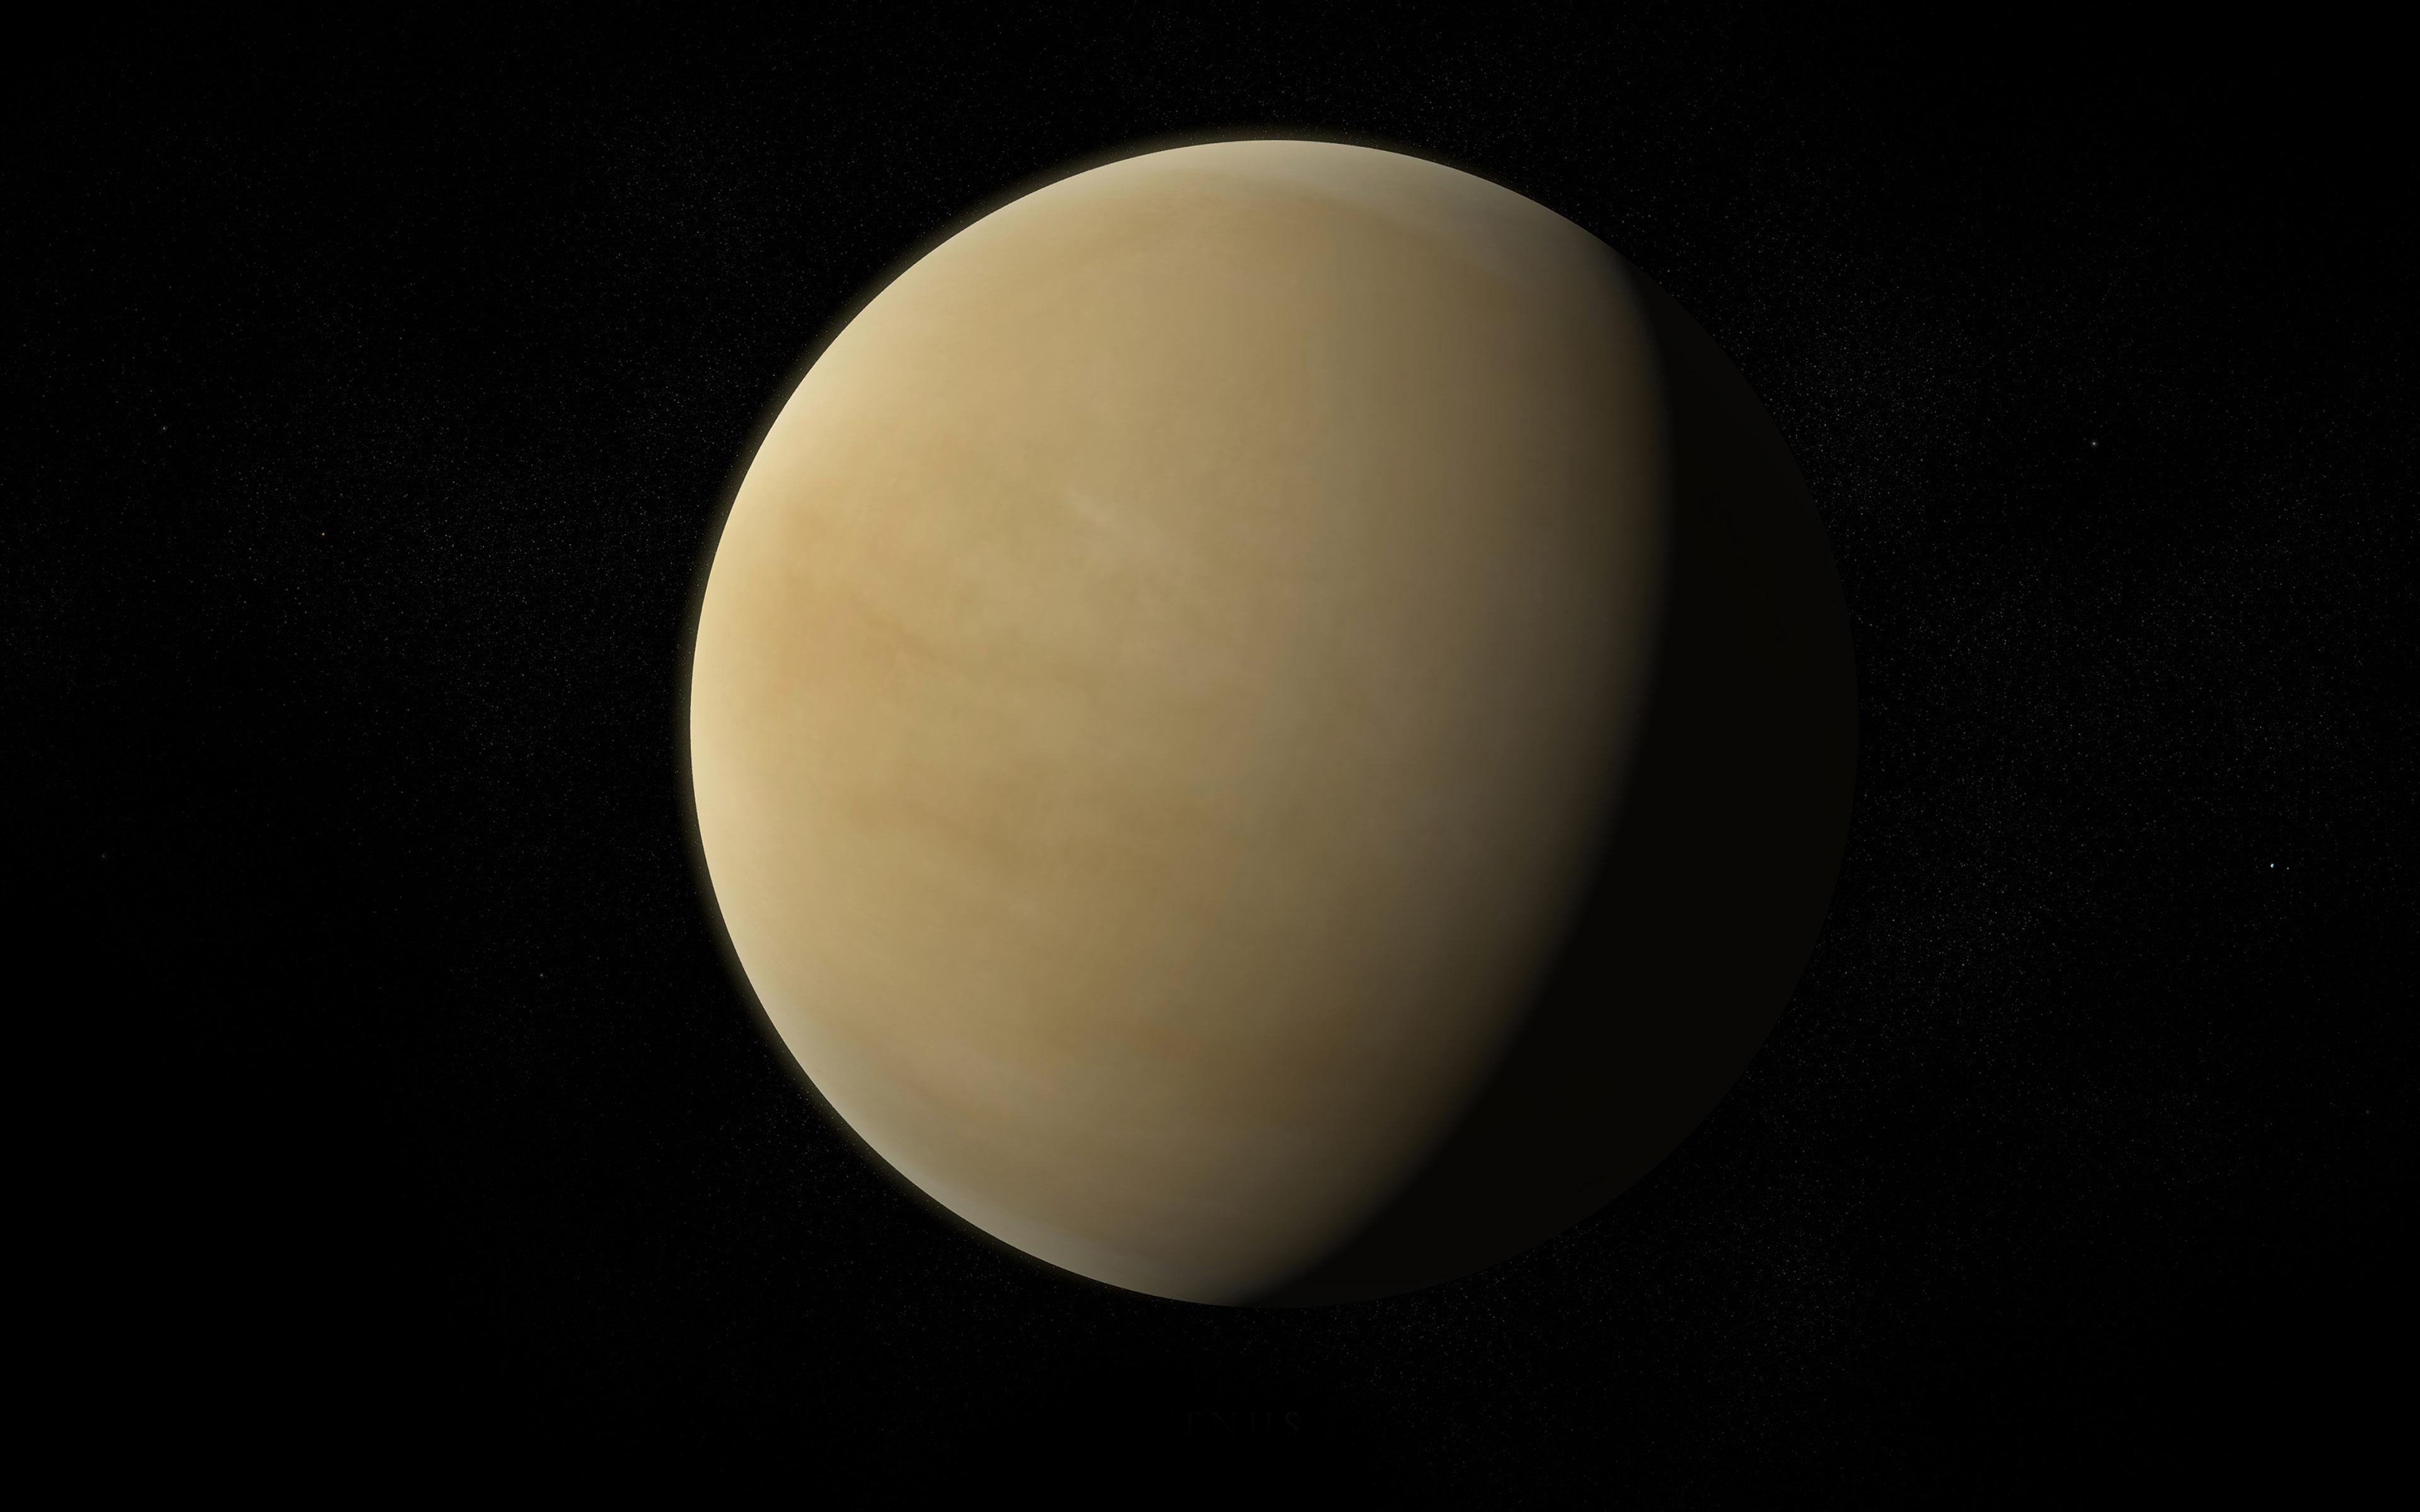 planet venus hd - photo #29